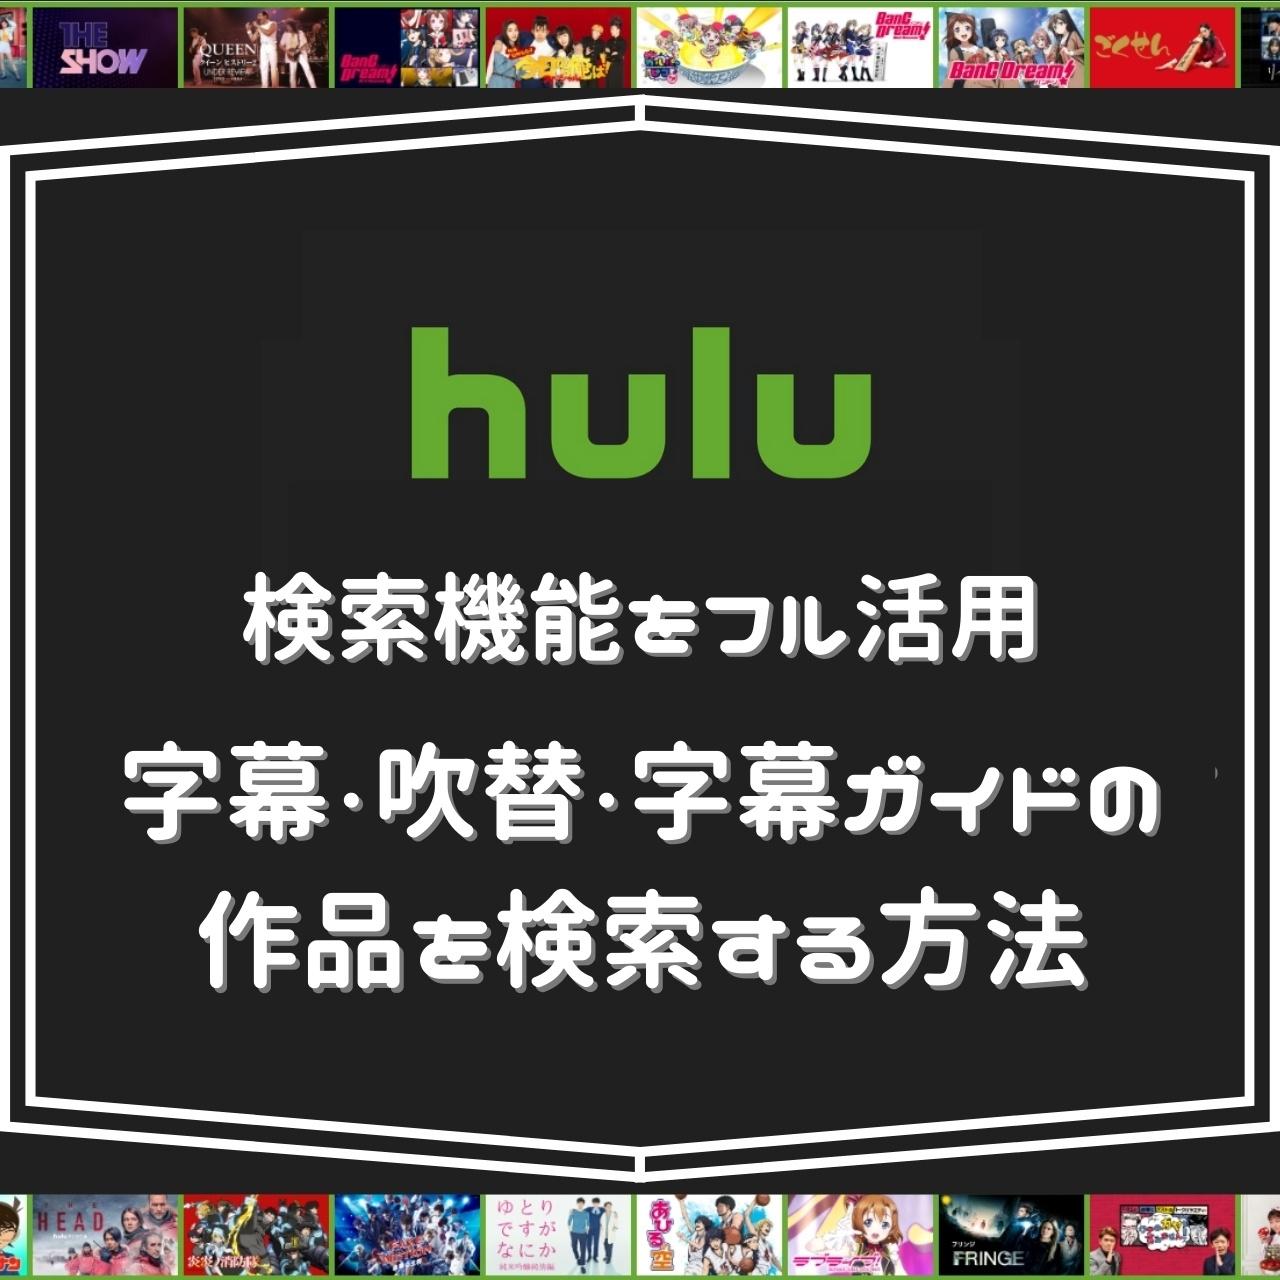 huluの検索機能をフル活用|字幕・吹替・字幕ガイドの作品を検索する方法